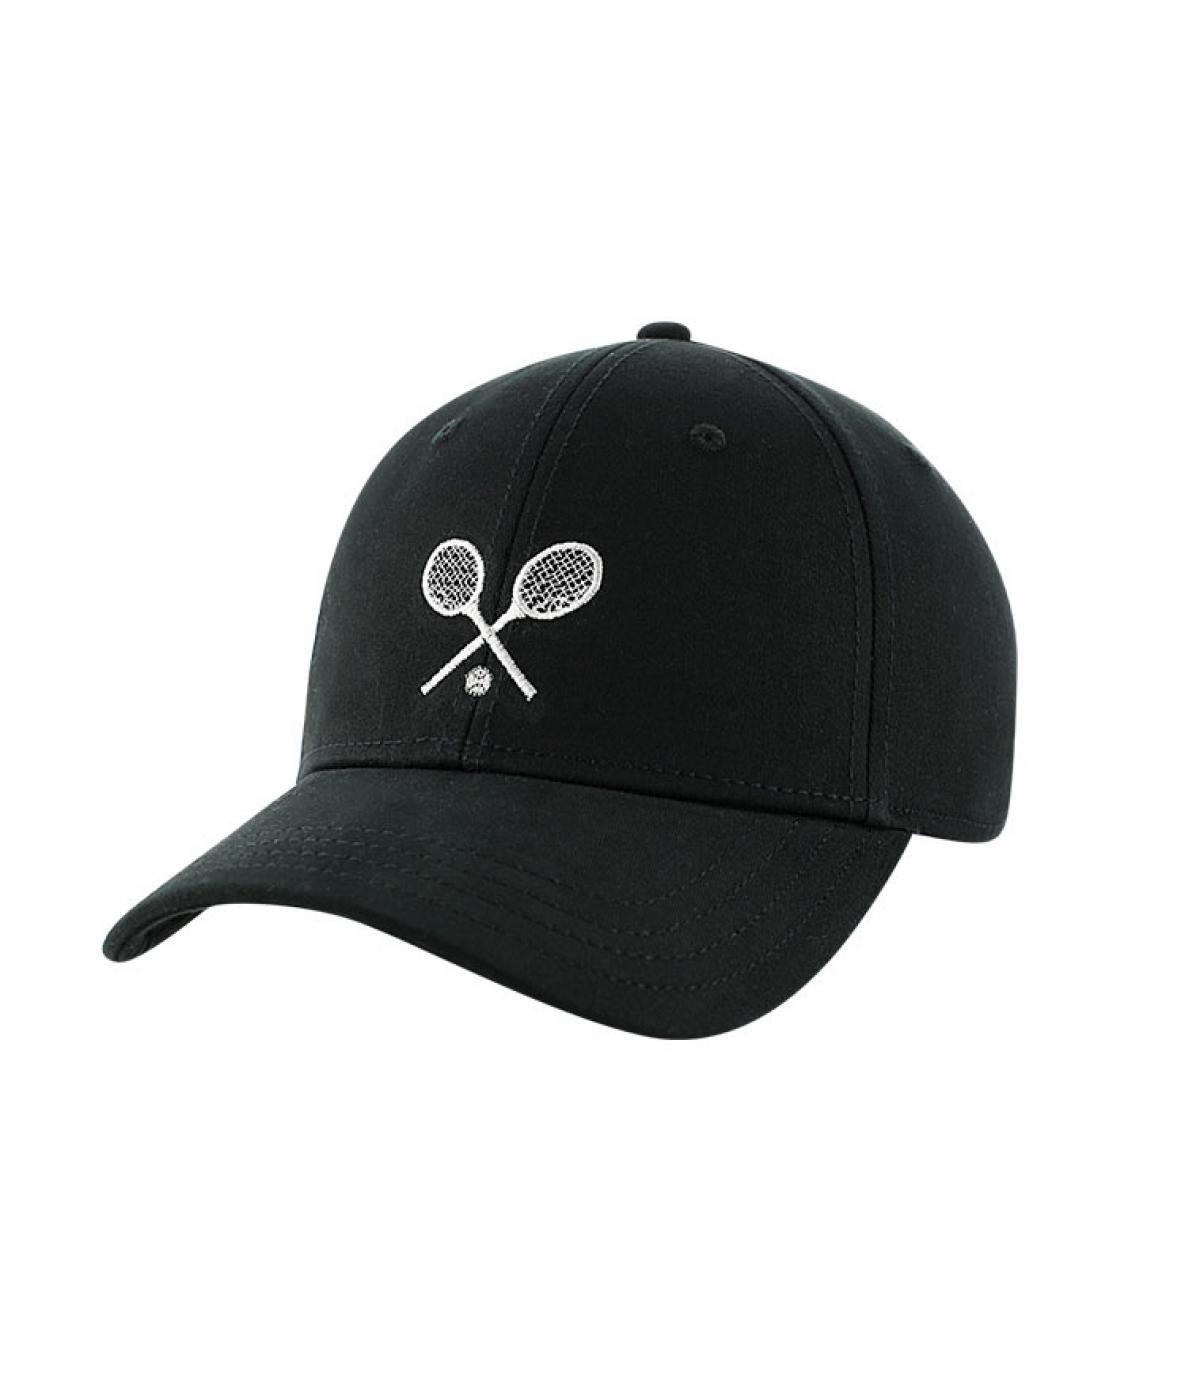 Gents Cap Tennis